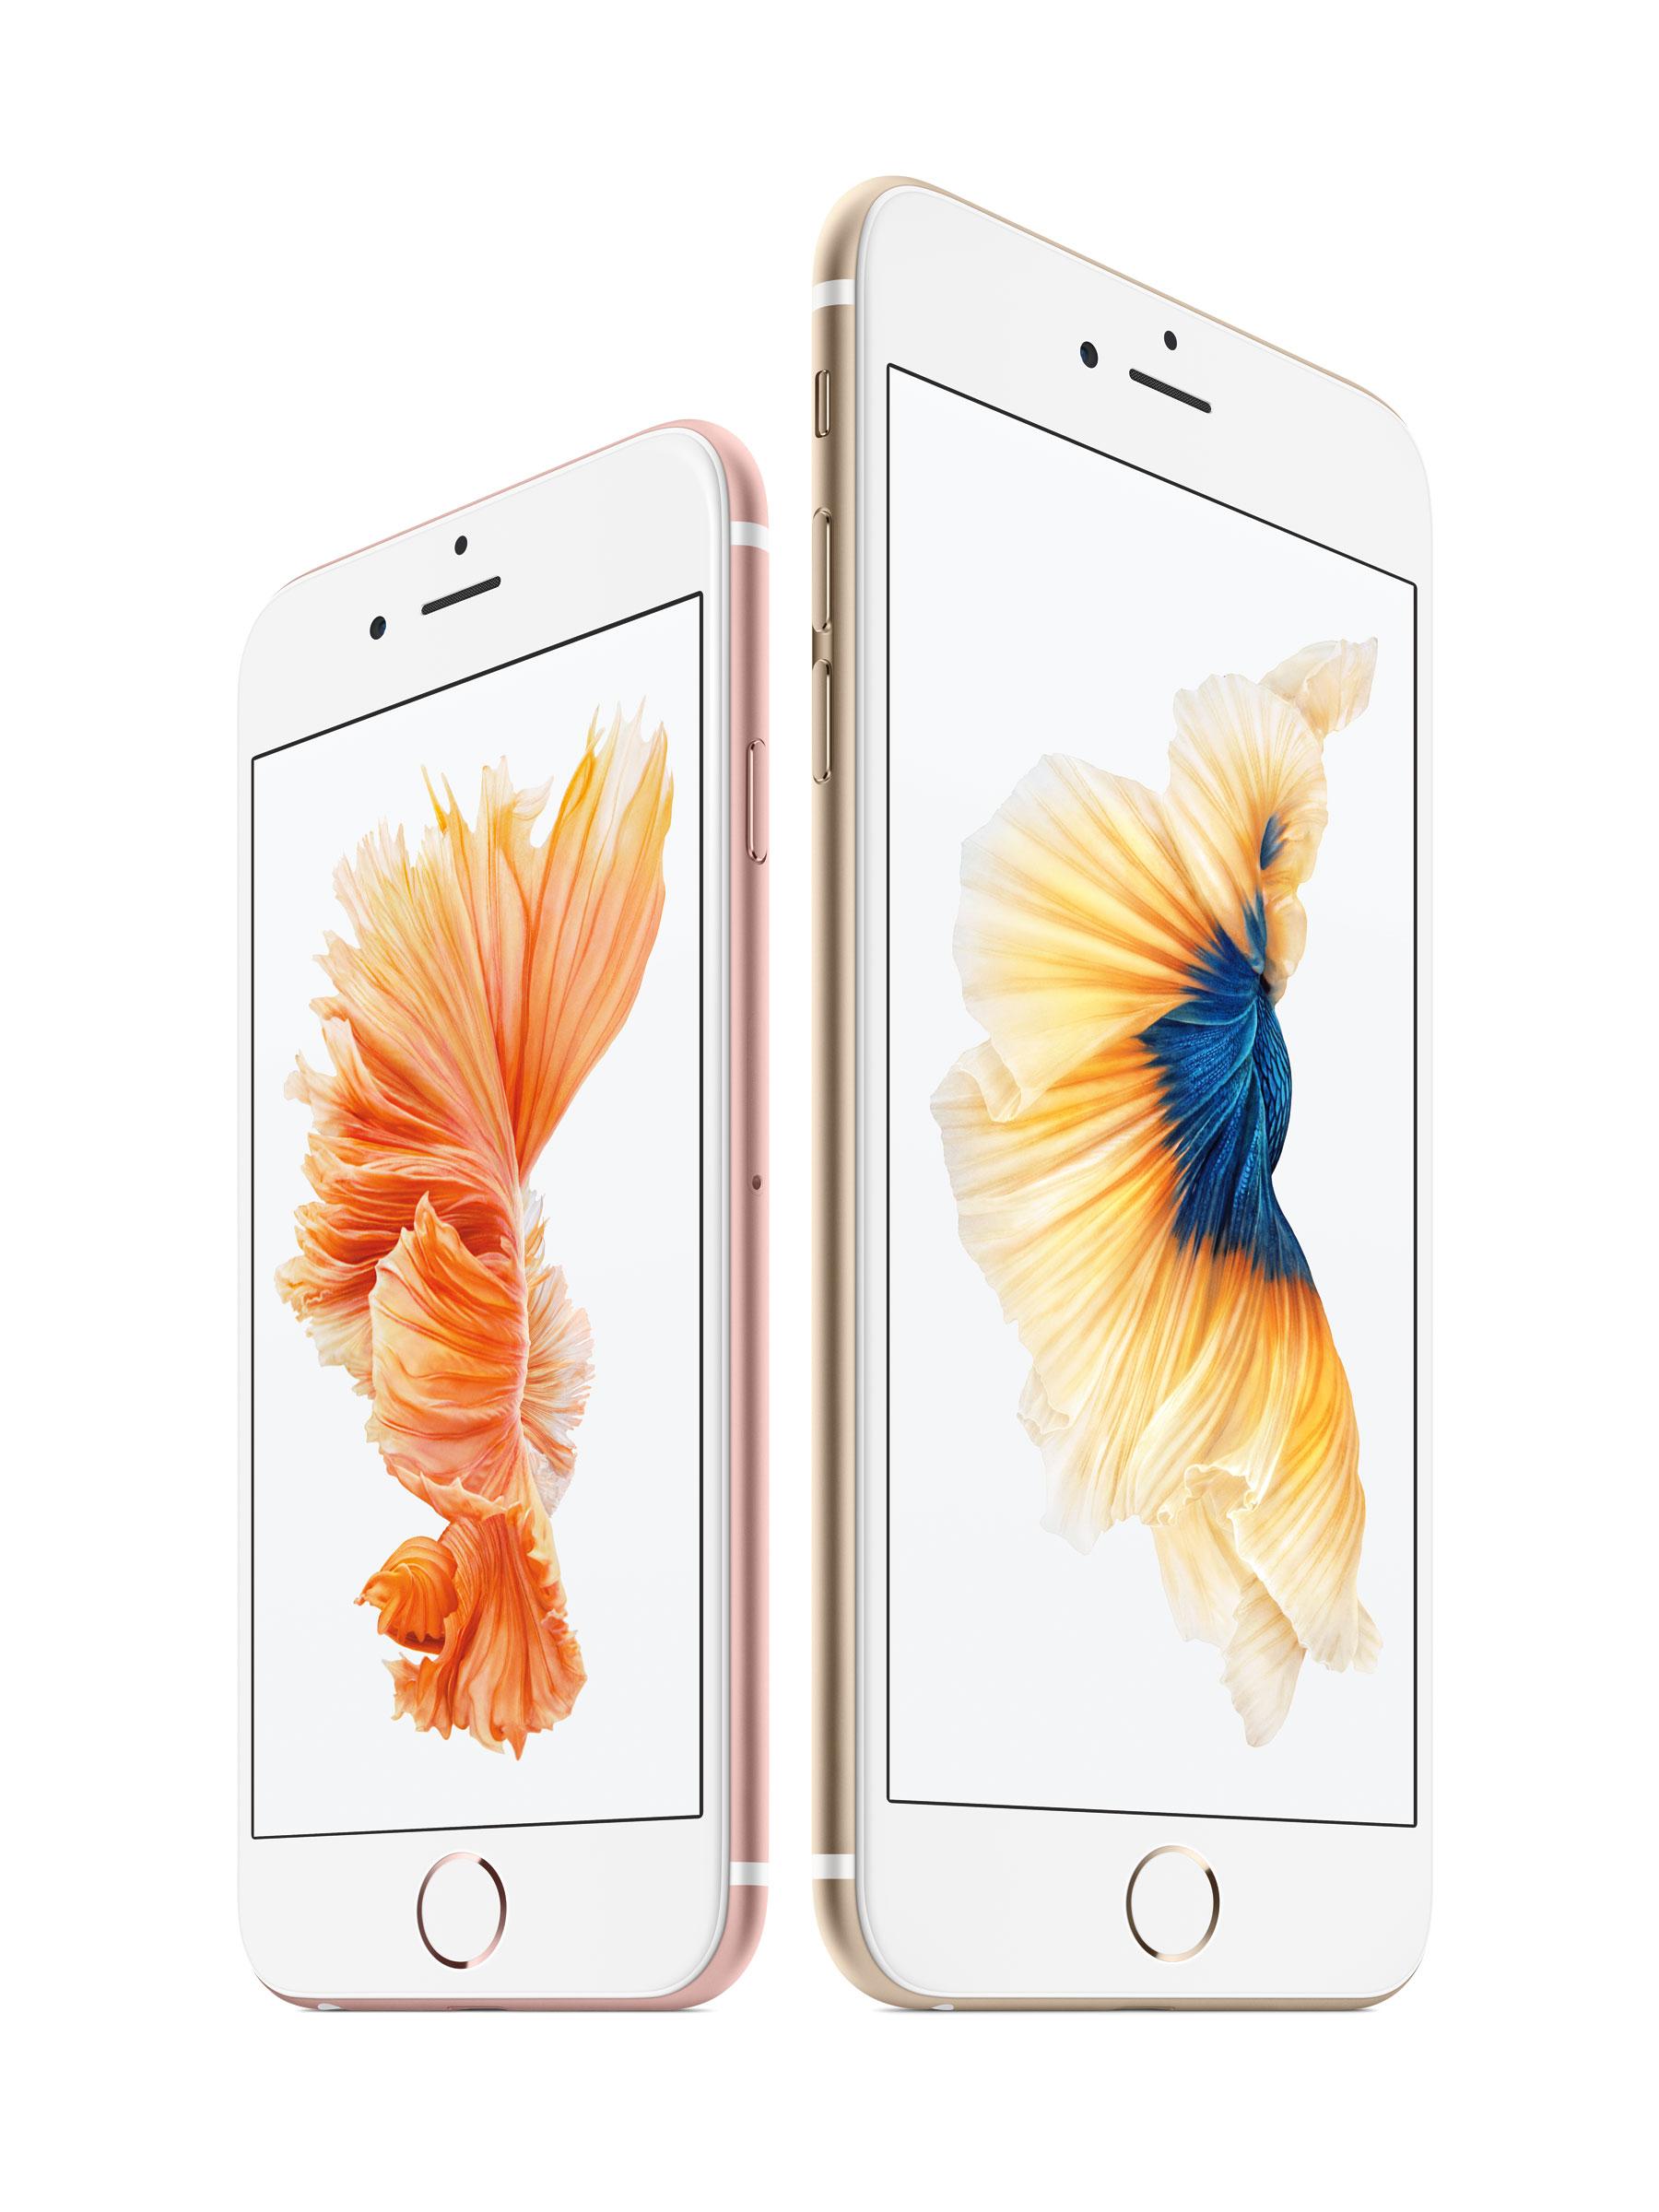 Get free iphone 6s plus